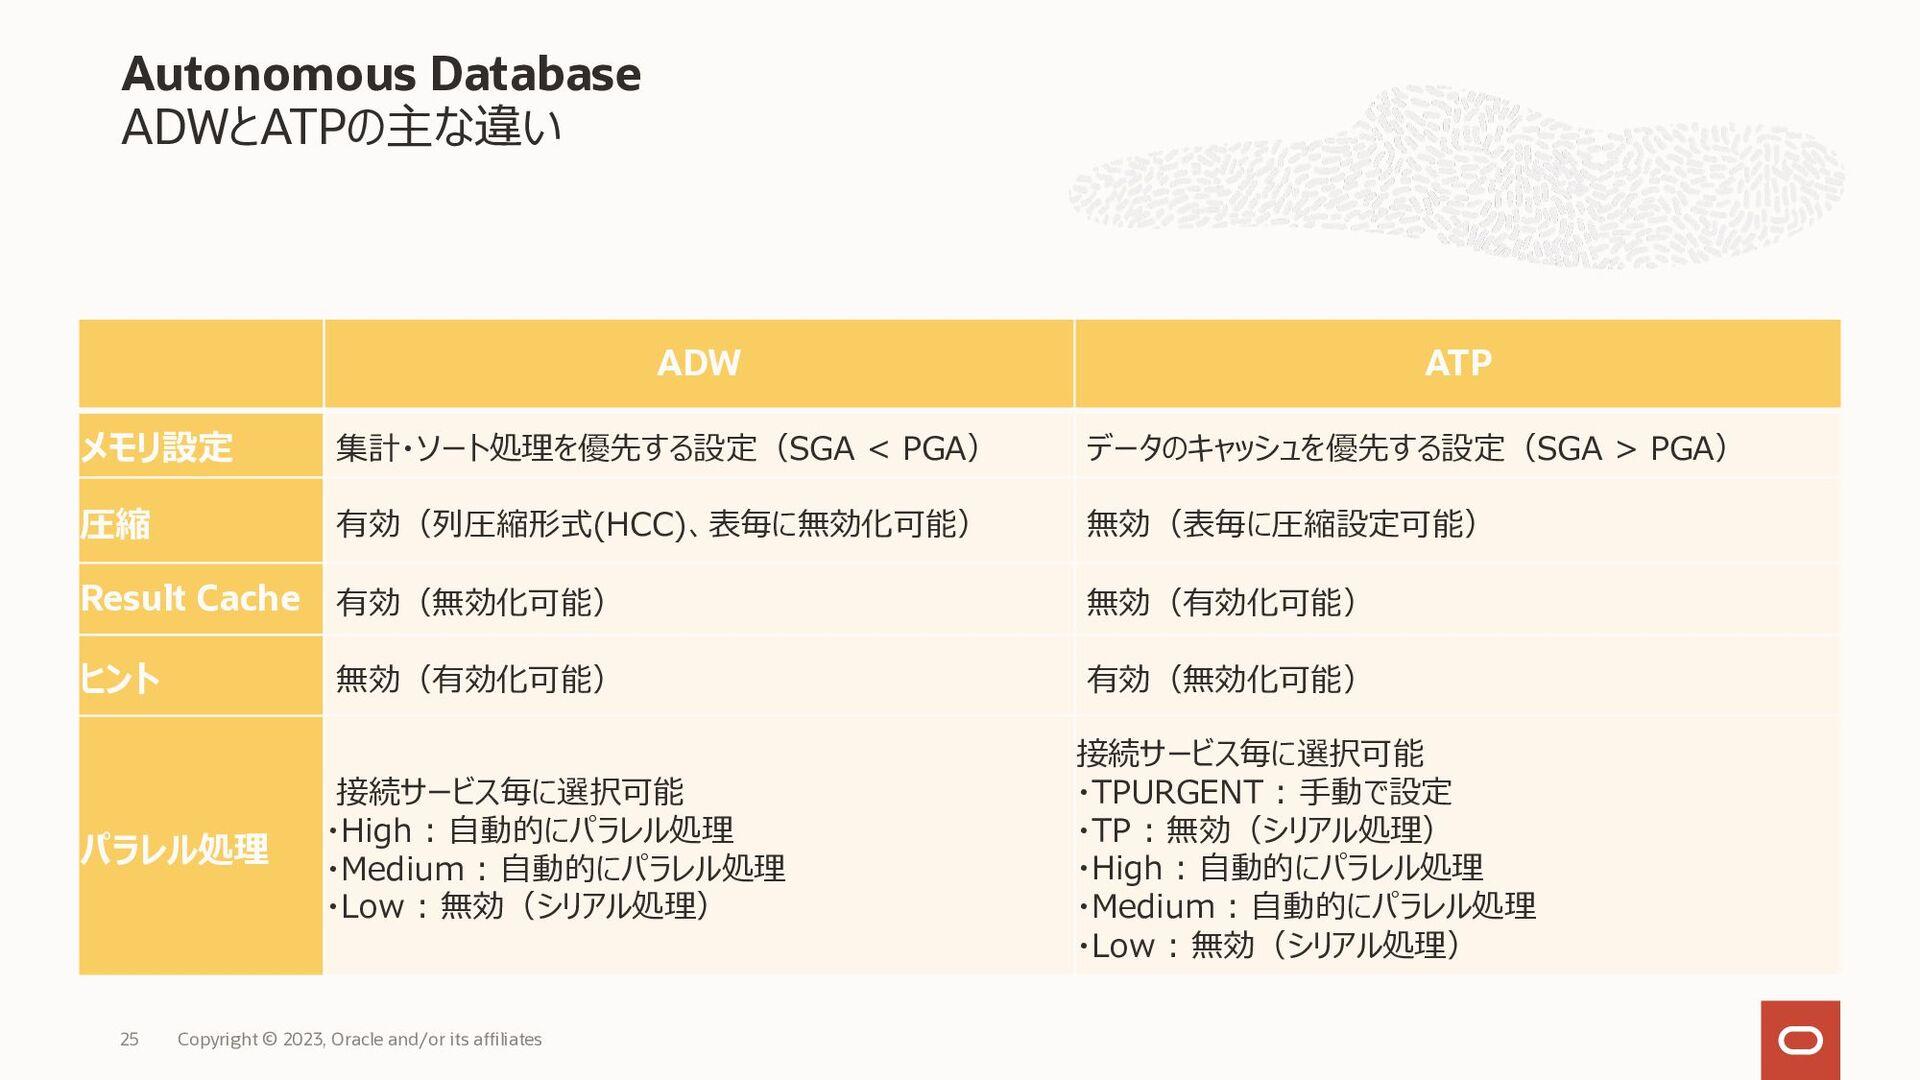 Always Free 無料、期限なしでAutonomous Databaseが利用可能に C...